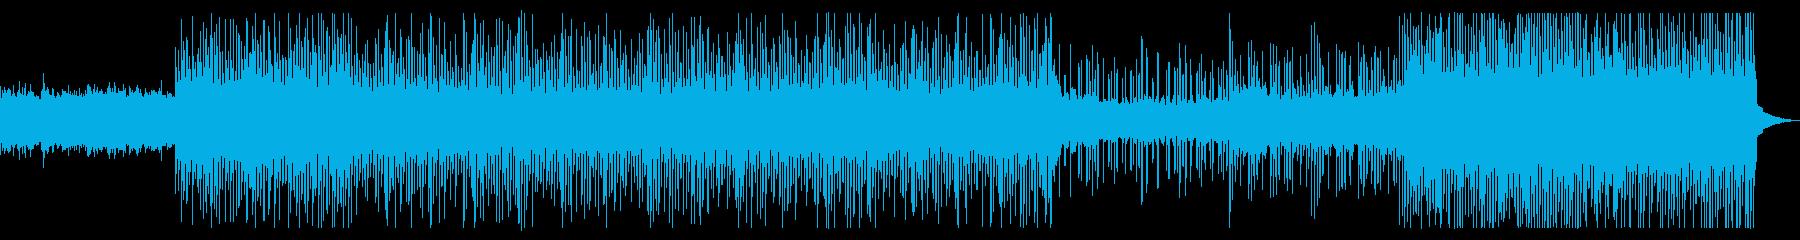 明るい未来空間的な80年代風テクノポップの再生済みの波形